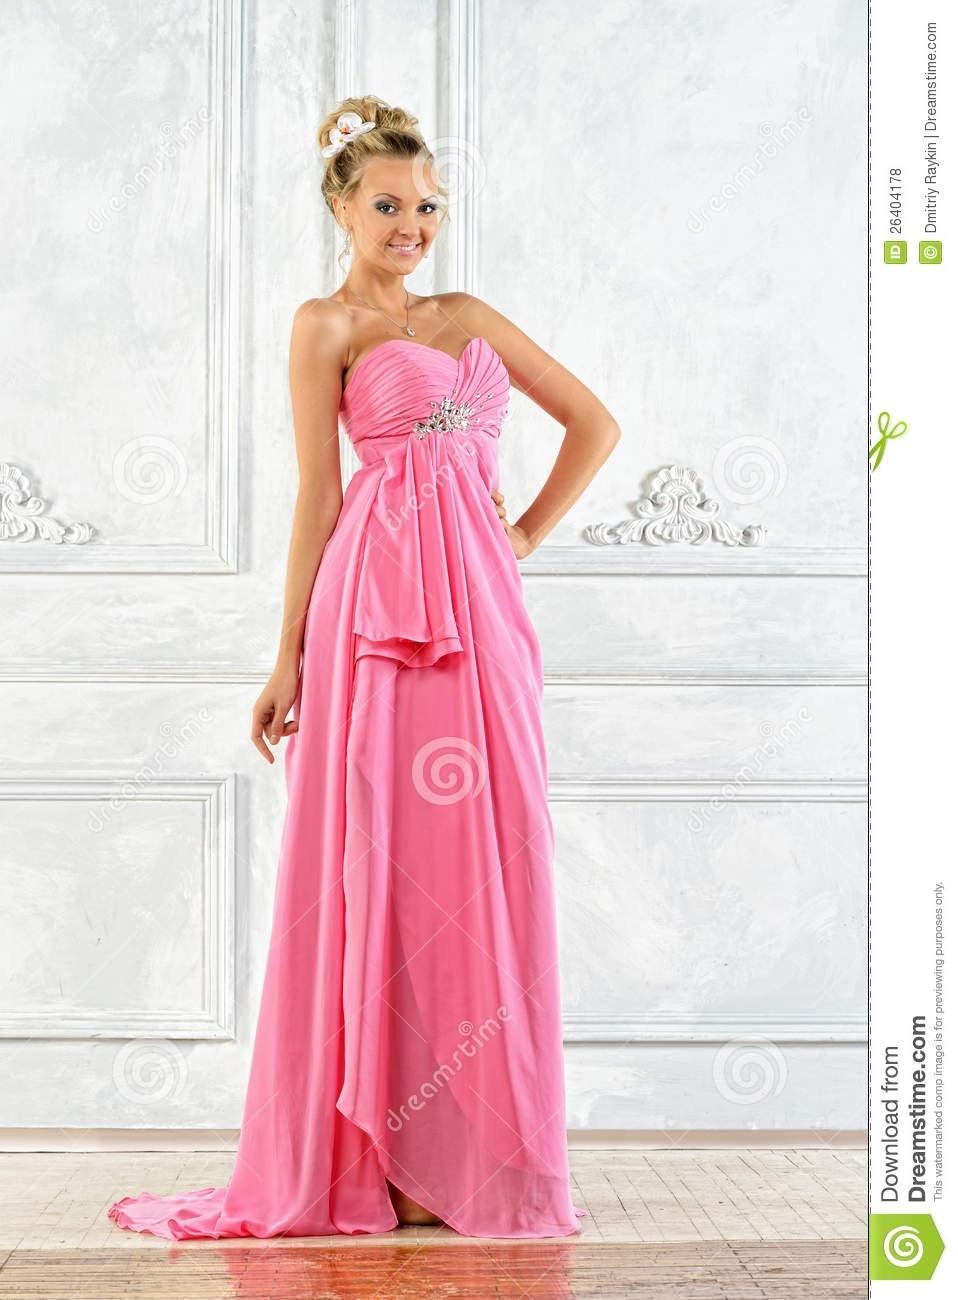 13 Ausgezeichnet Schöne Kleider Für Frauen Design20 Leicht Schöne Kleider Für Frauen Spezialgebiet